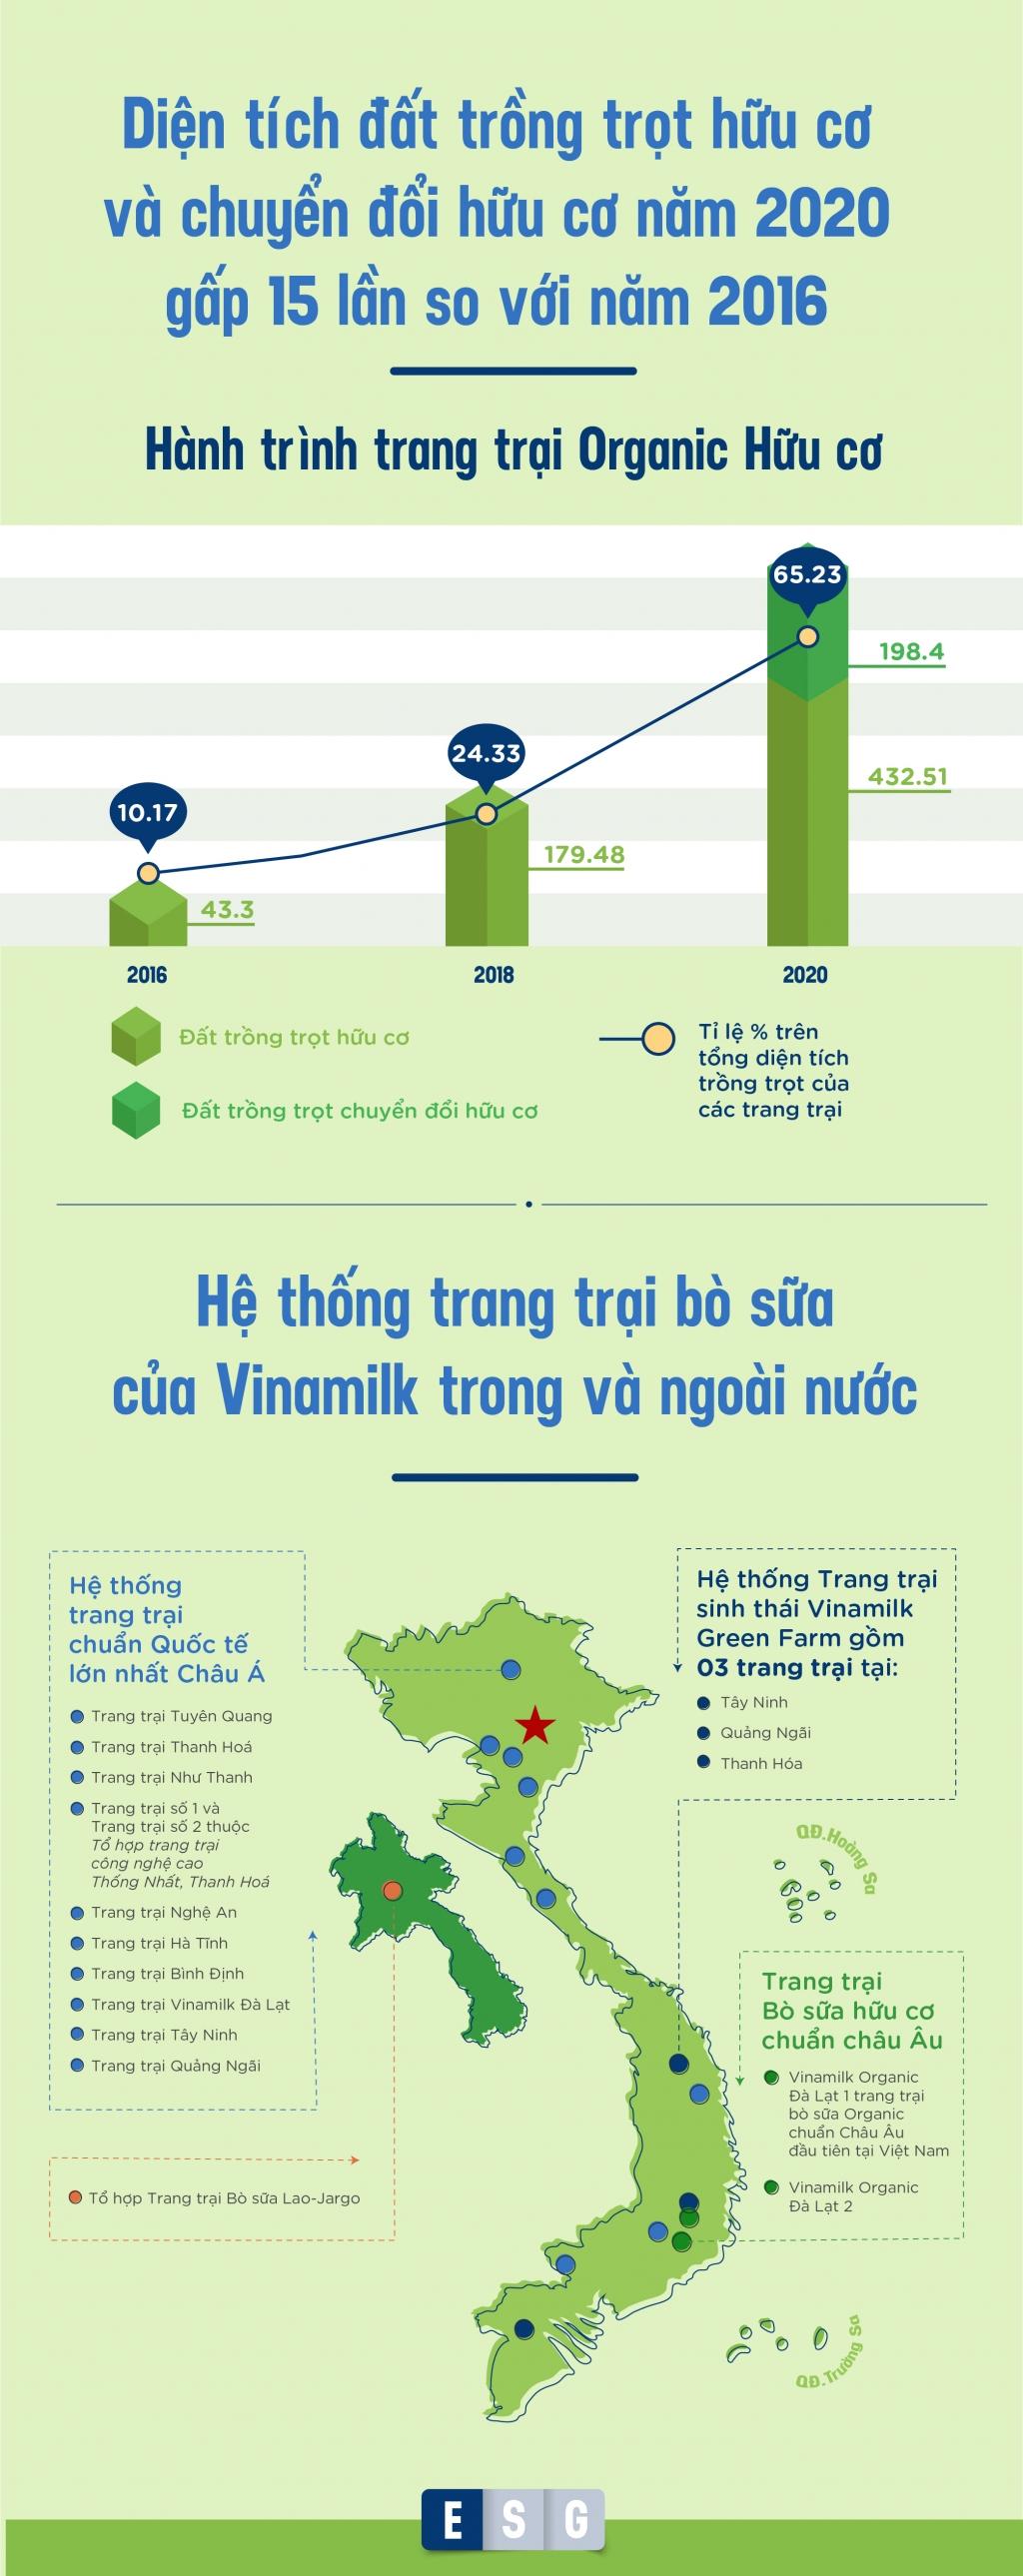 """Vinamilk: Chú trọng chất lượng """"Môi trường, xã hội, quản trị"""" để phát triển bền vững"""